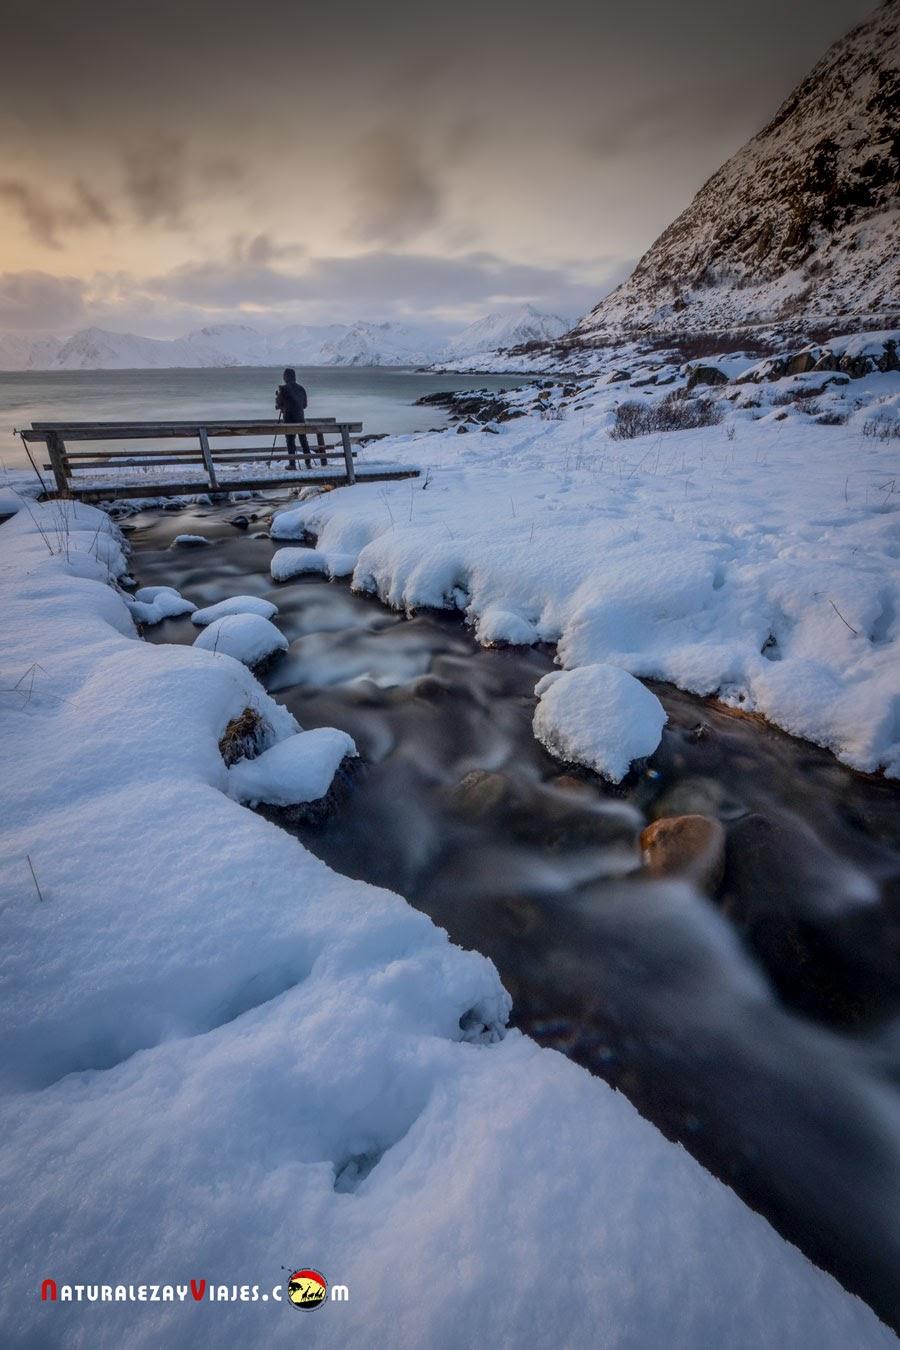 Rørvikstranda, Islas Lofoten